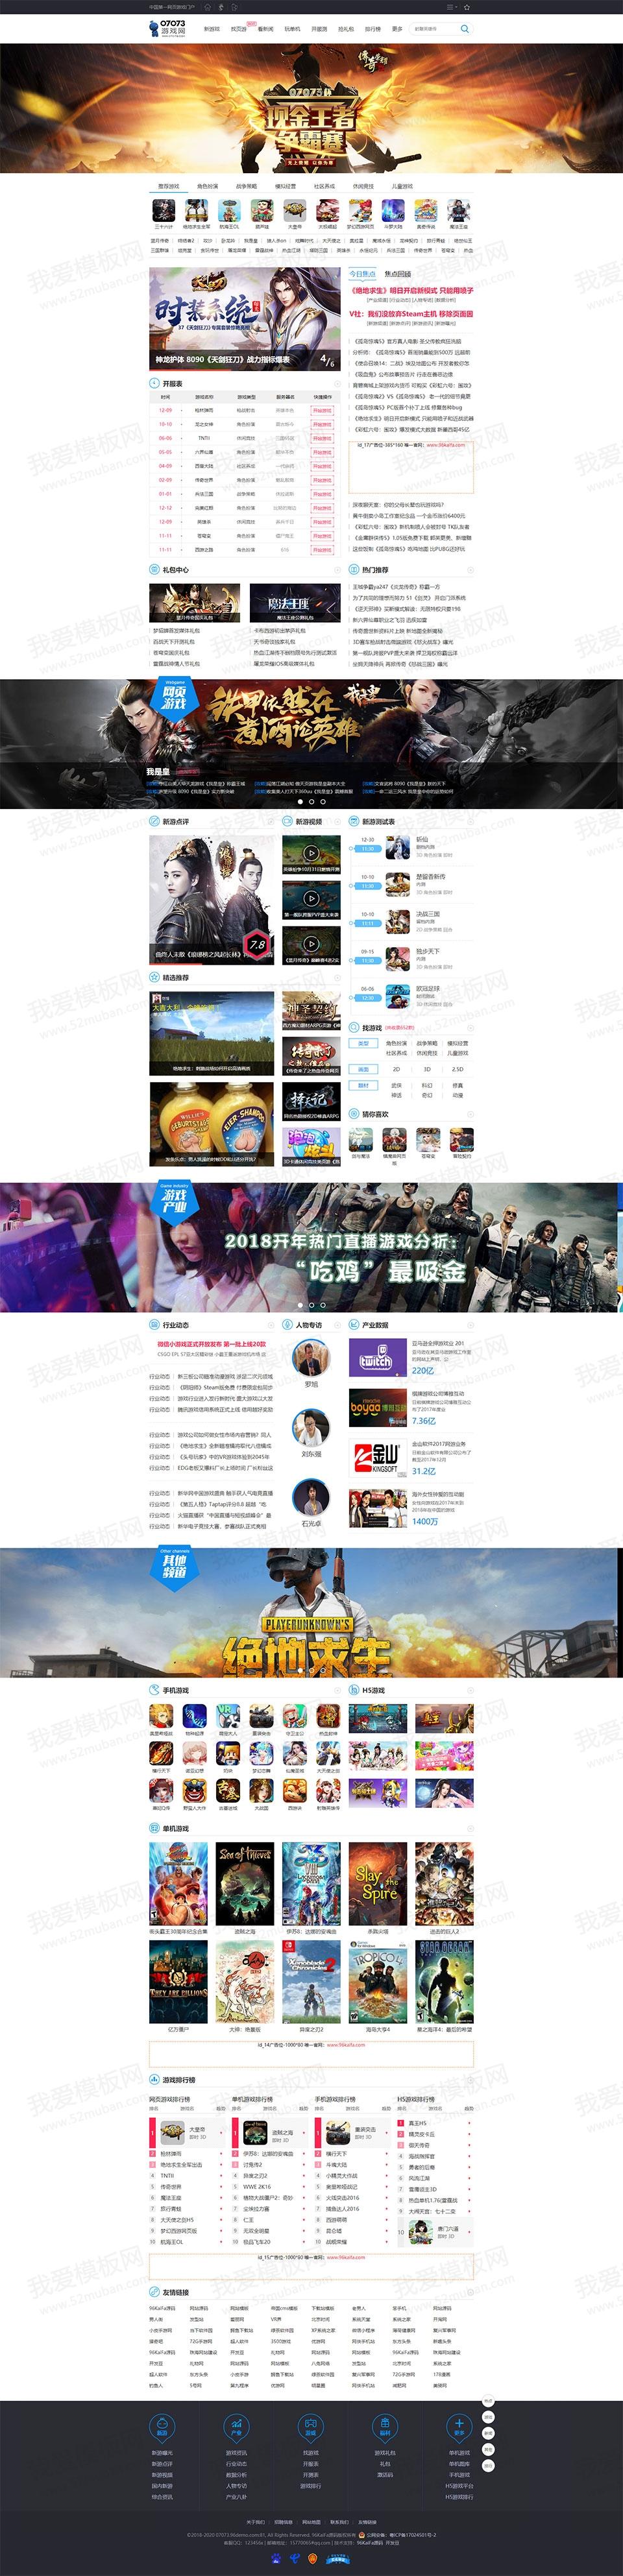 仿《07073页游网》源码 大型网页游戏门户网站模板 帝国cms内核+手机版